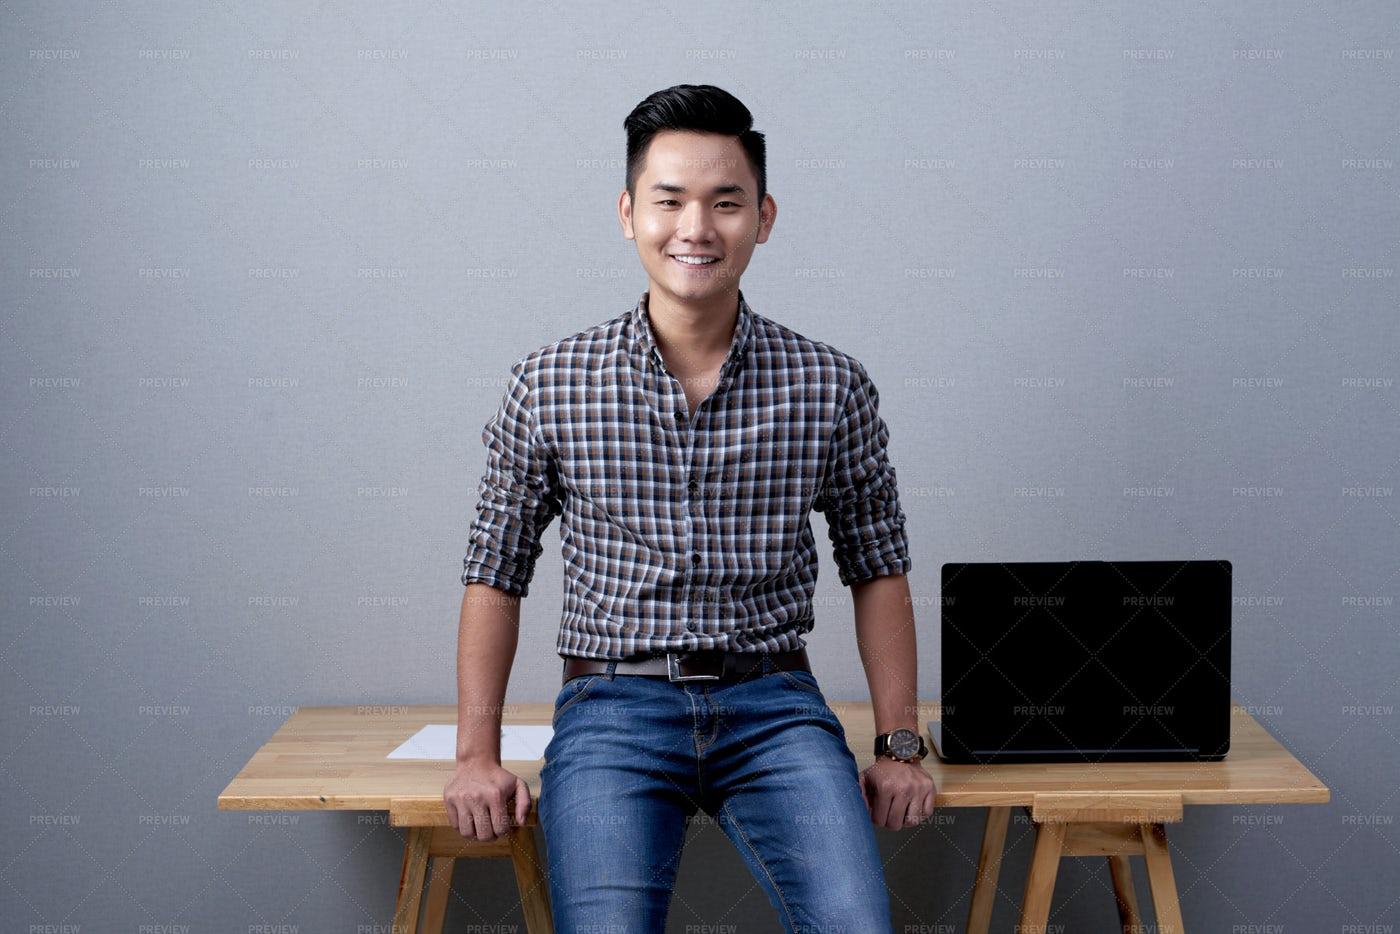 Confident Entrepreneur Posing For...: Stock Photos